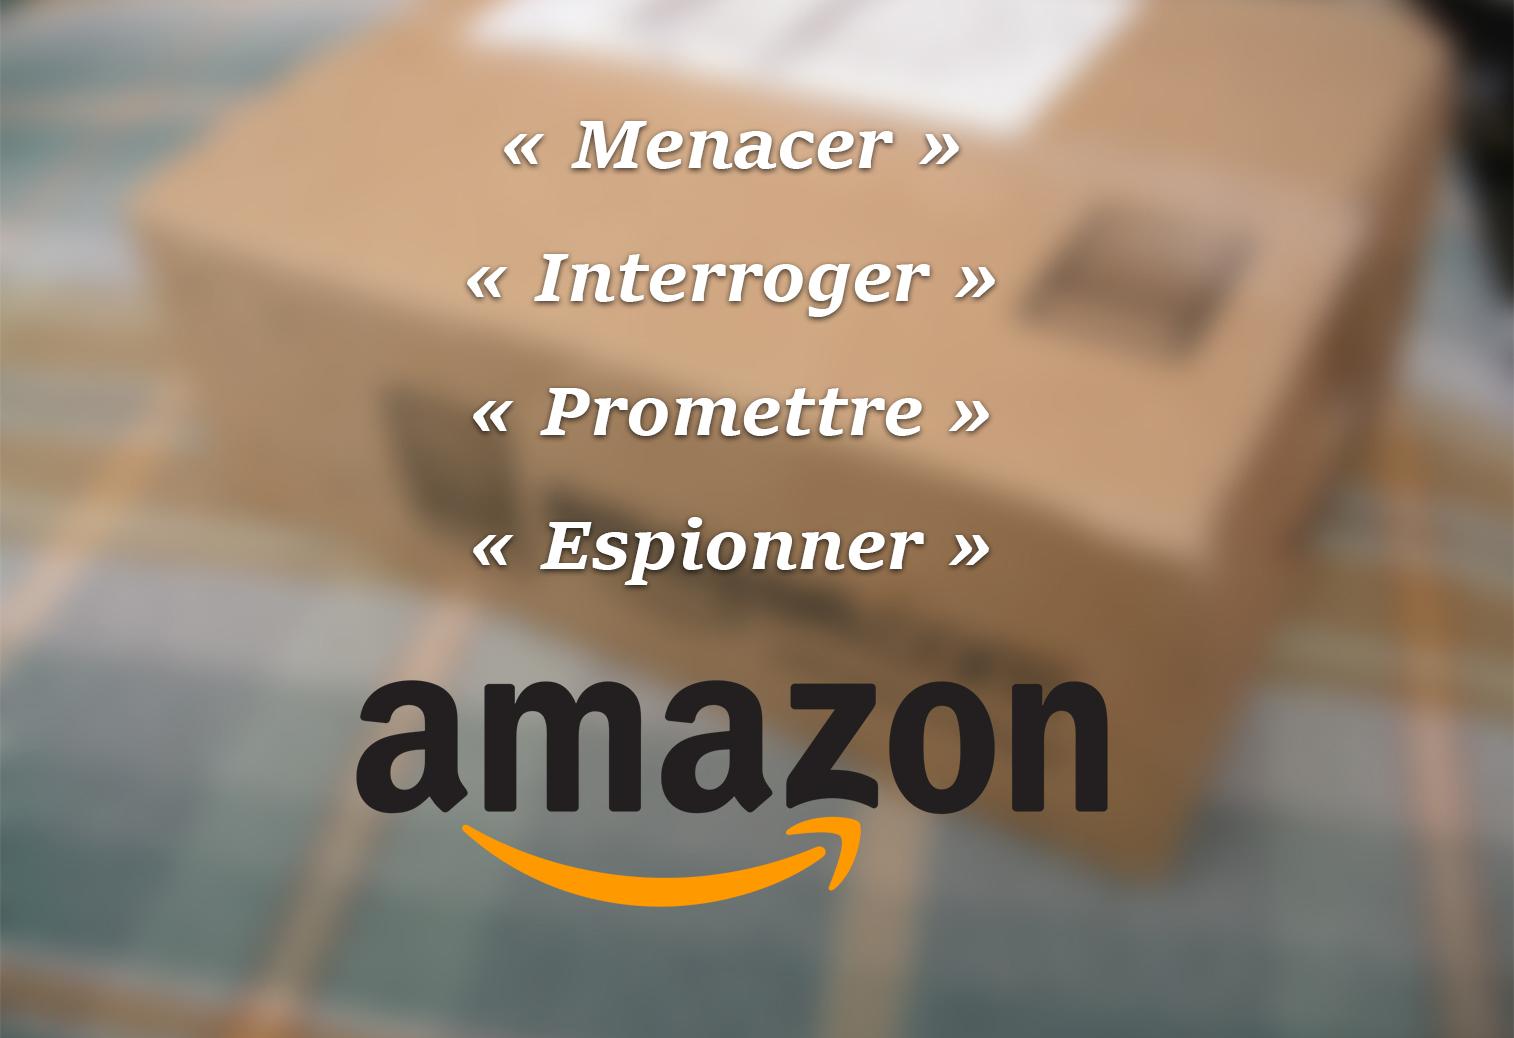 Comment Amazon veut tuer les revendications syndicales